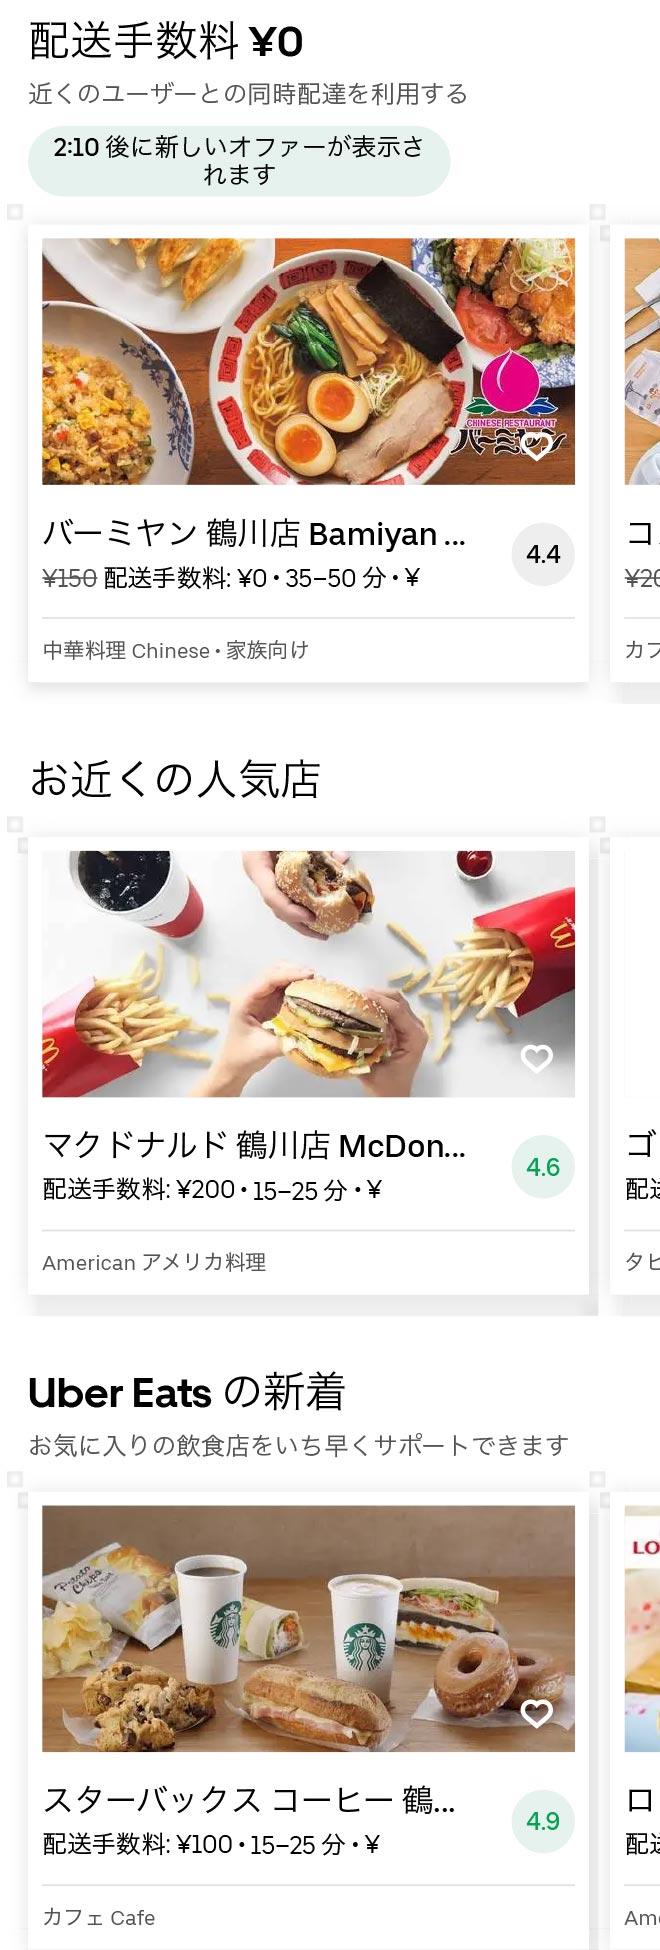 Tsurukawa menu 2010 01